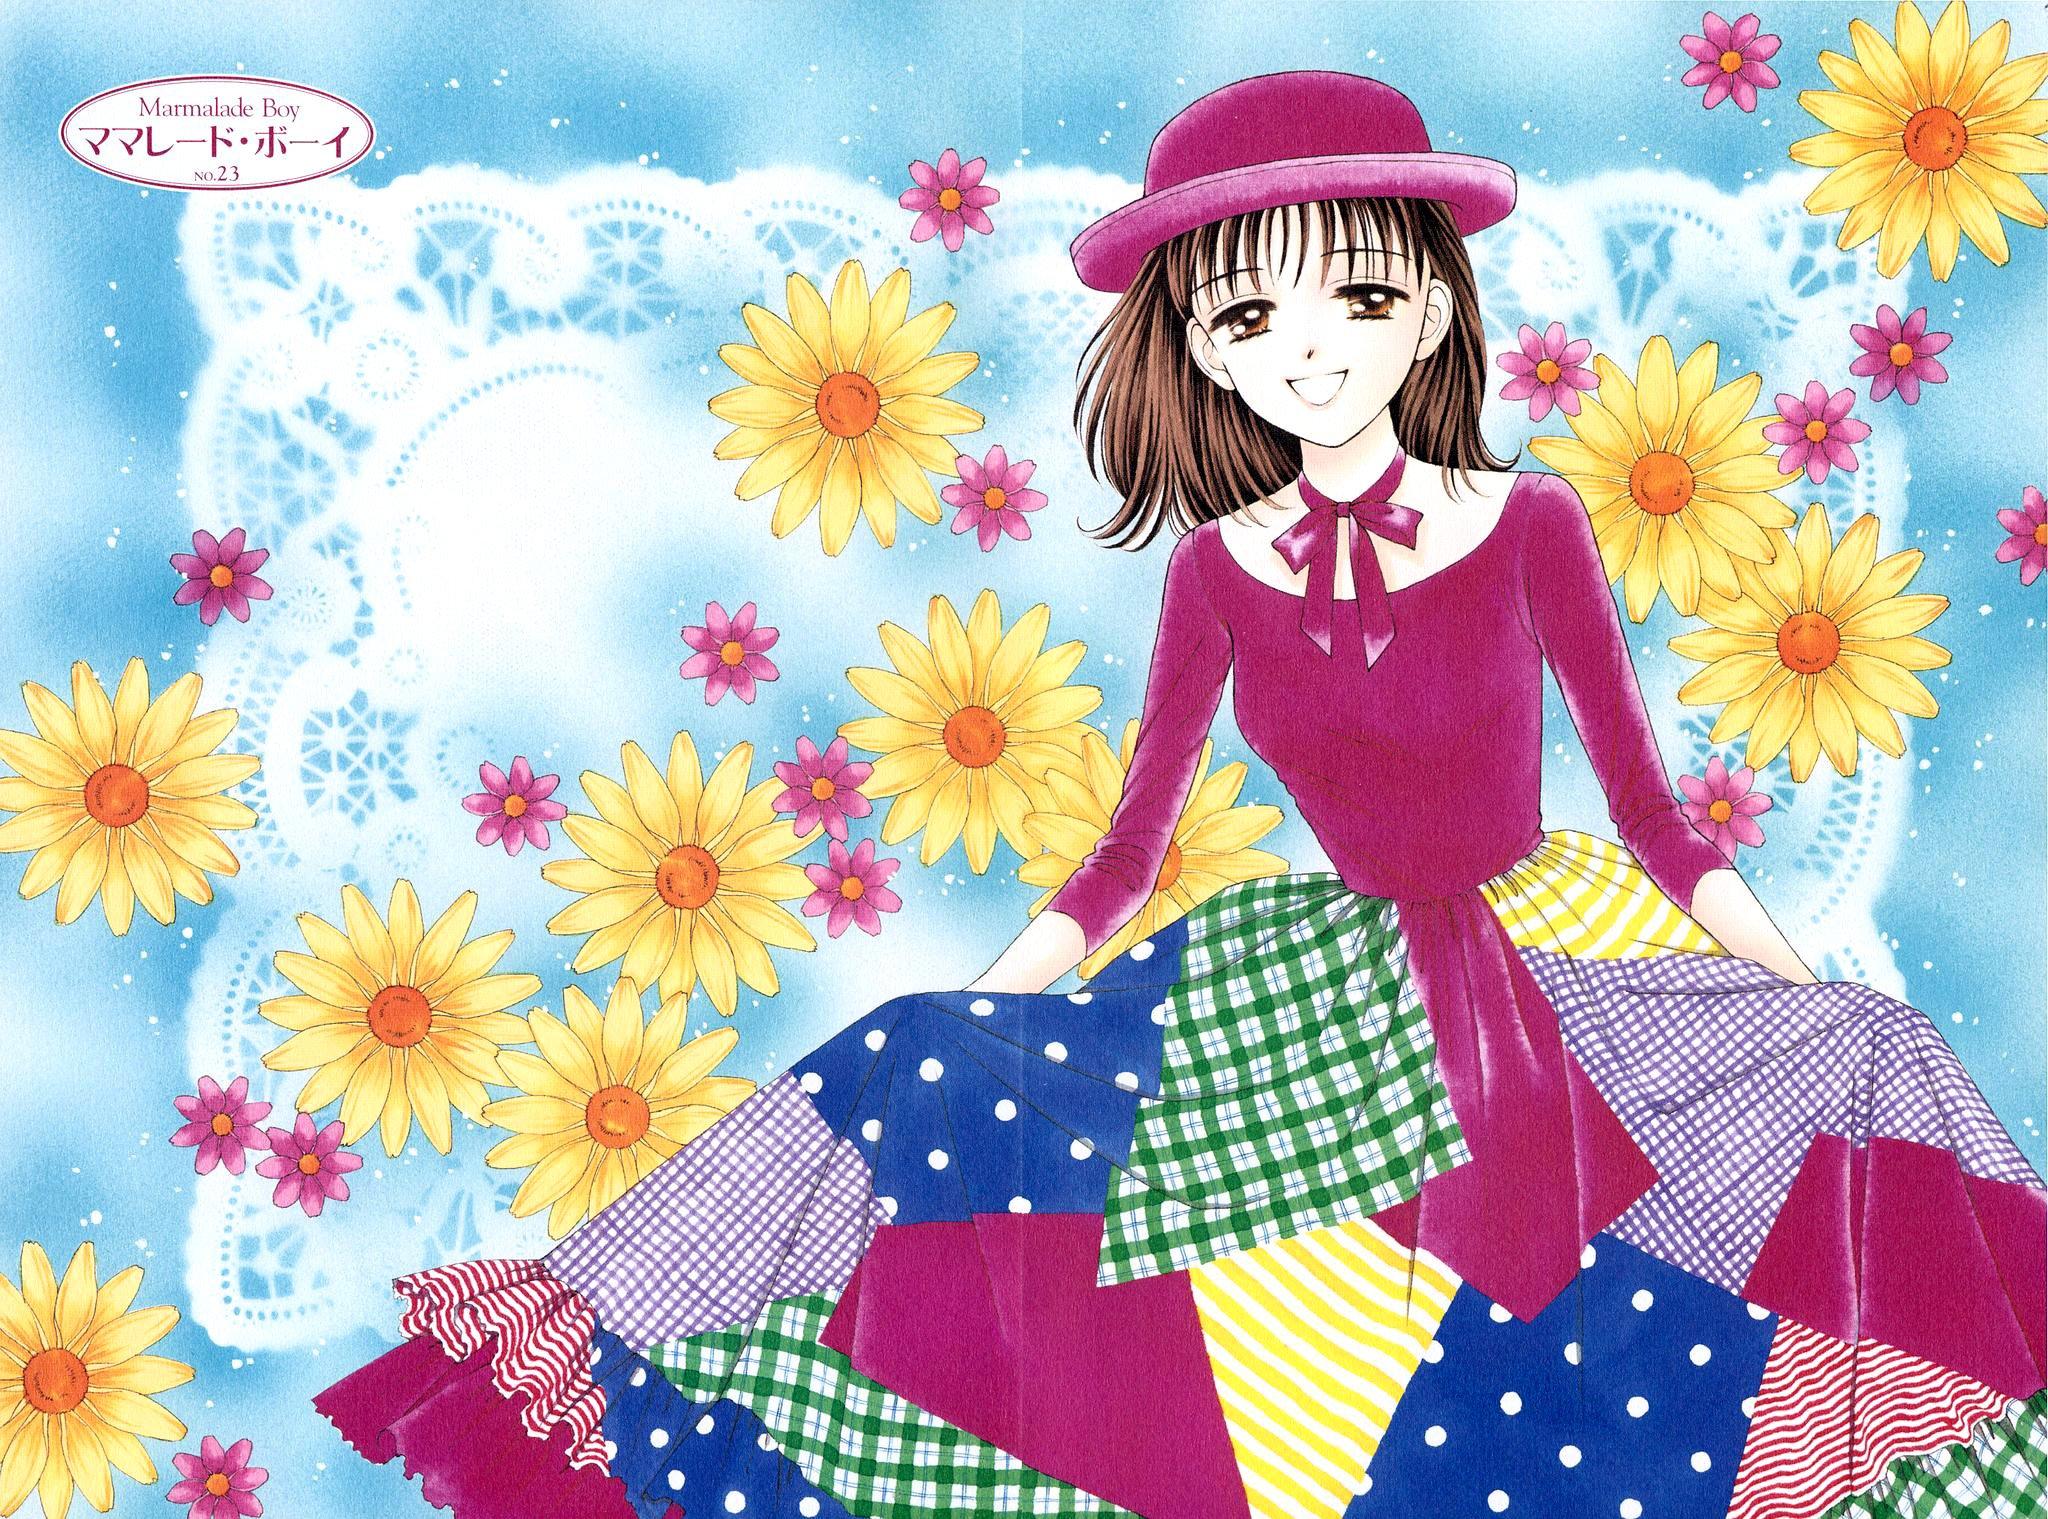 cache 6IiC7AfPOQMJ http romb umelecforum ru sumiko-kiyooka-naked html sumiko kiyooka mayu jpg